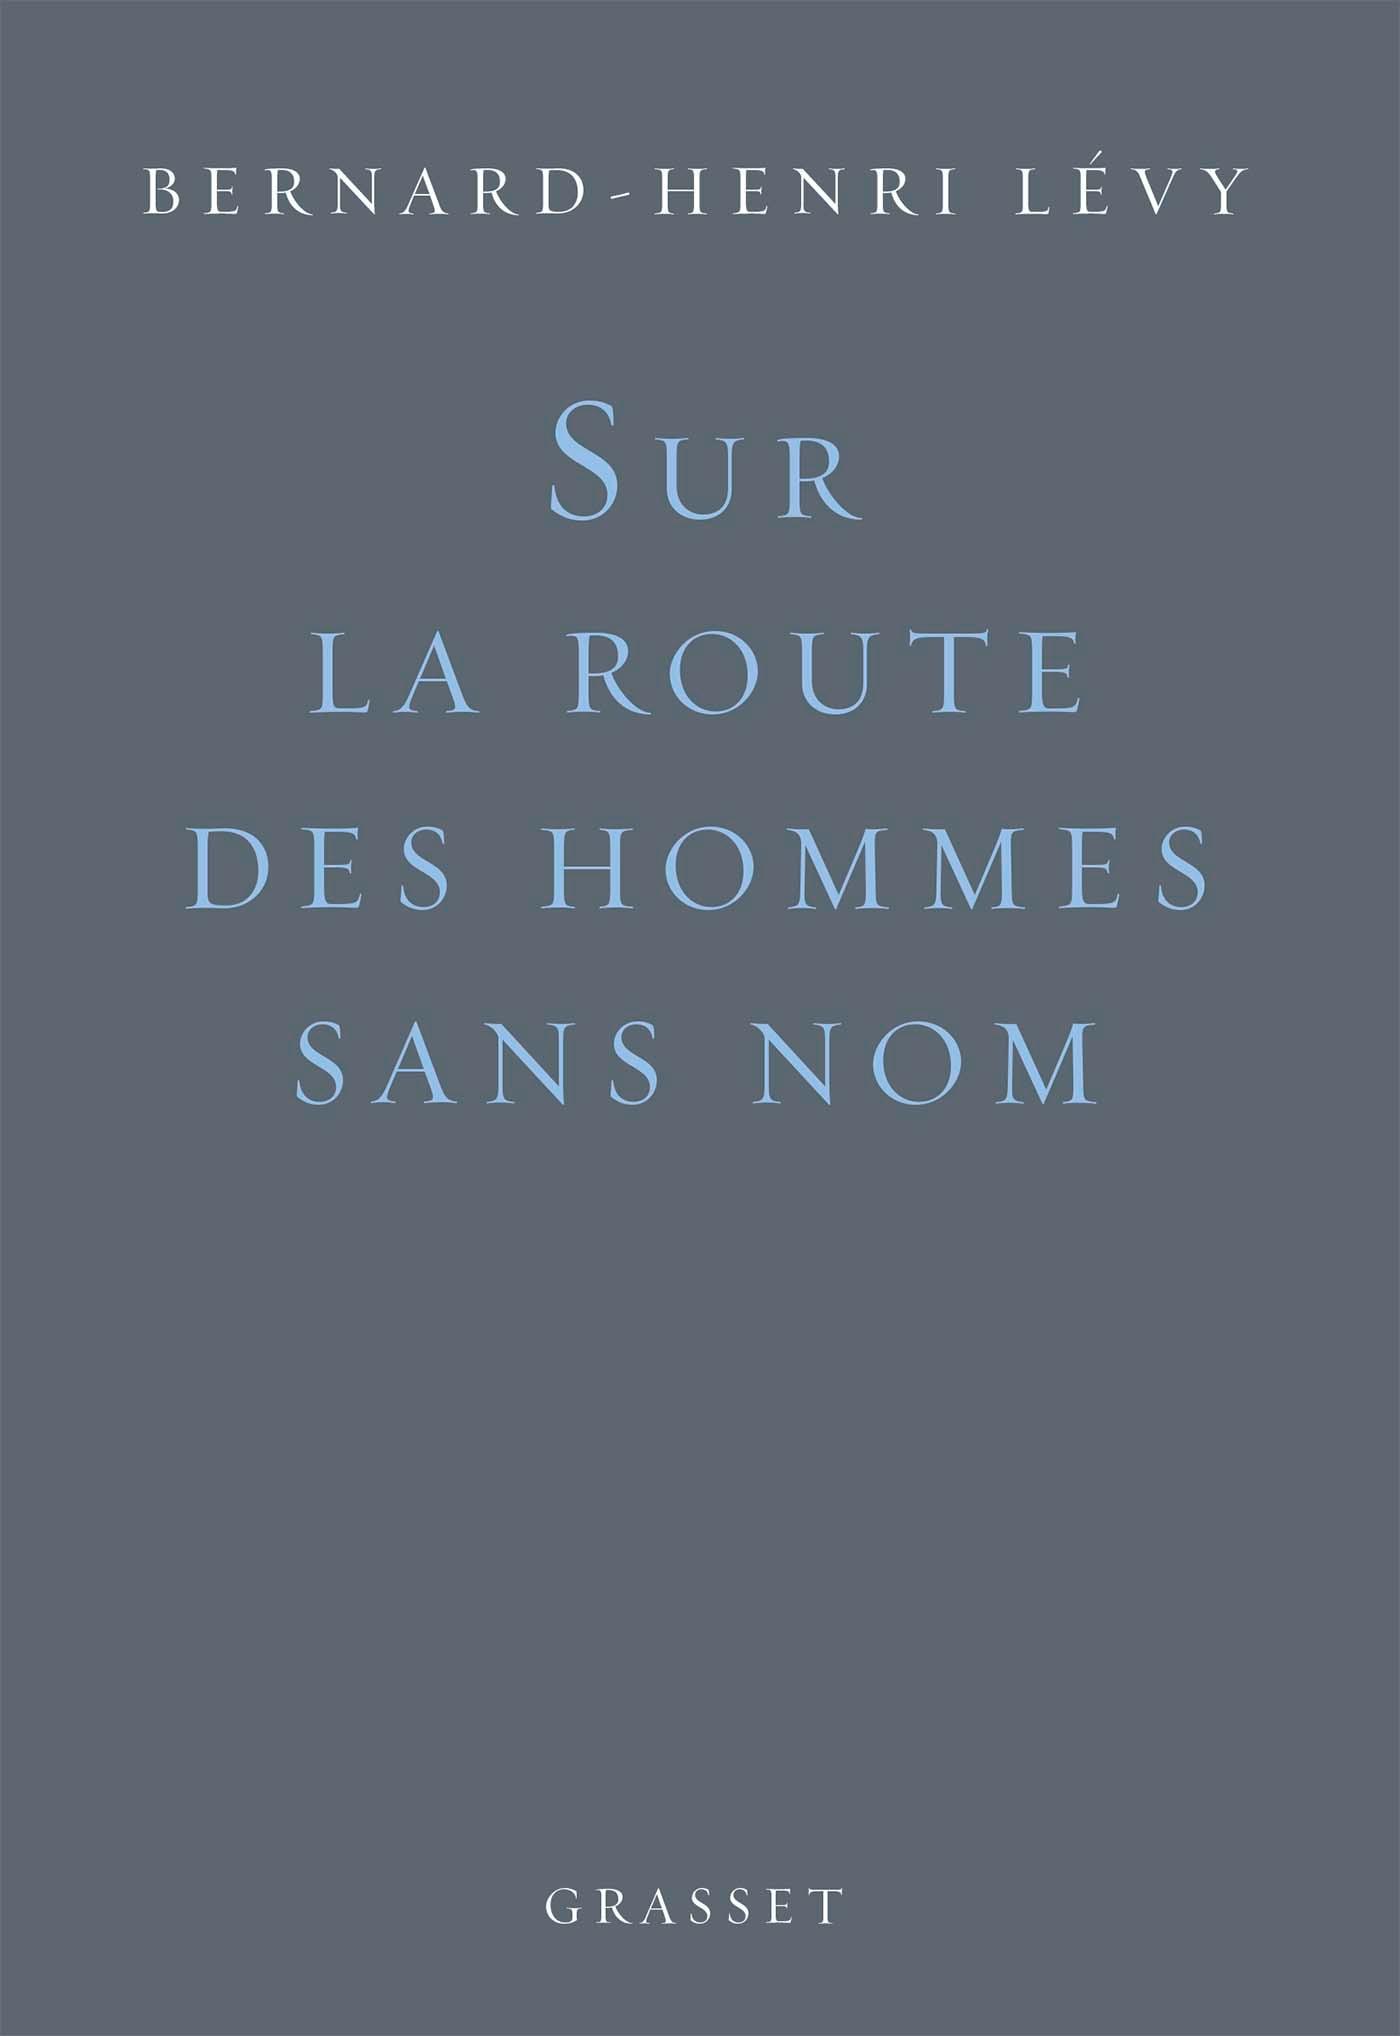 Sur la route des hommes sans nom | Lévy, Bernard-Henri. Auteur